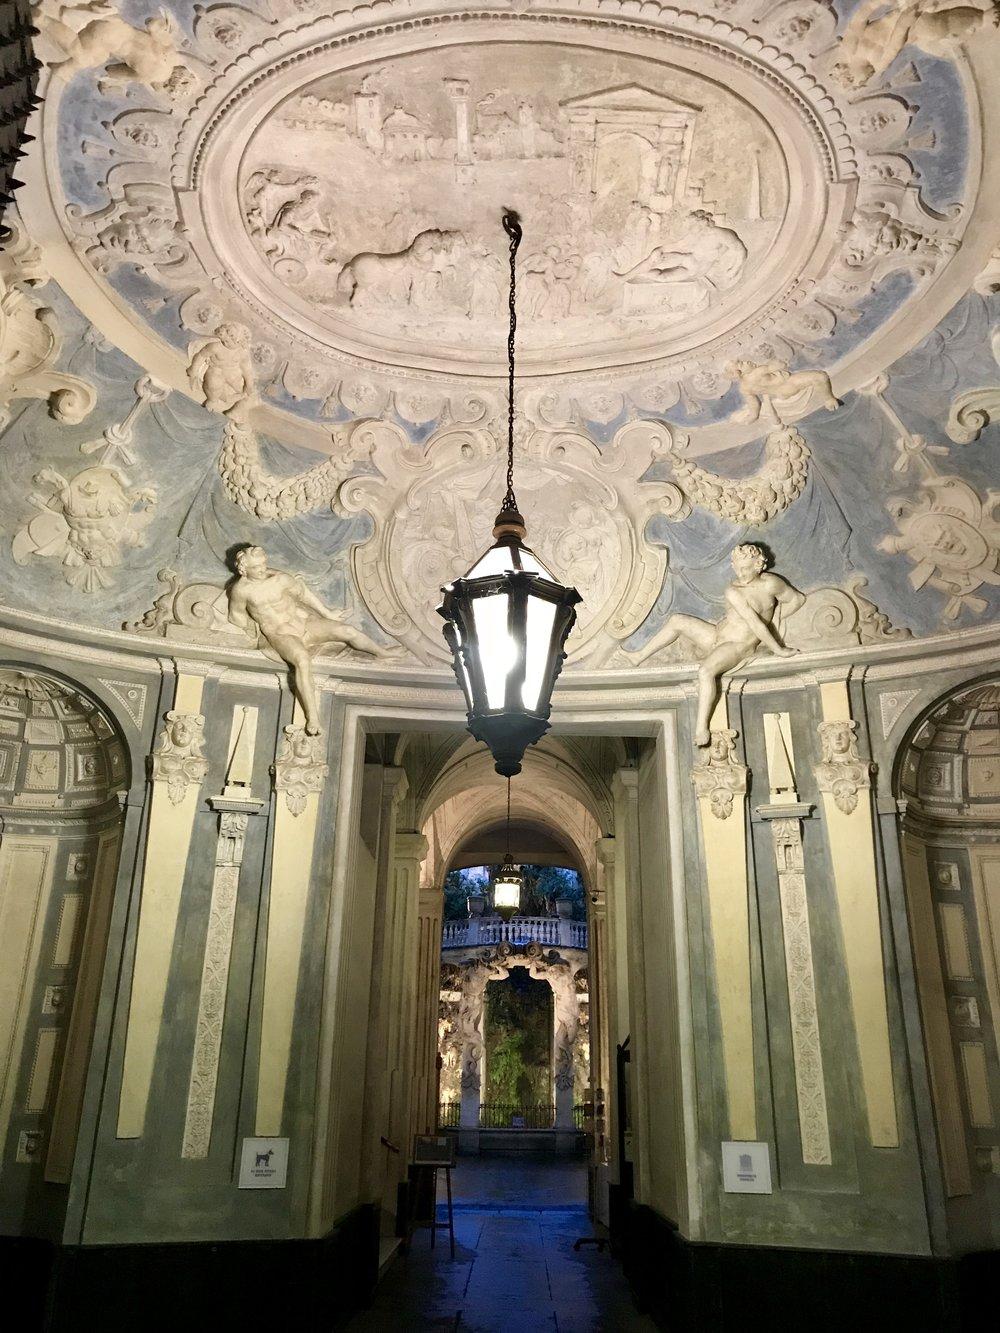 palaces genoa rooms.jpeg